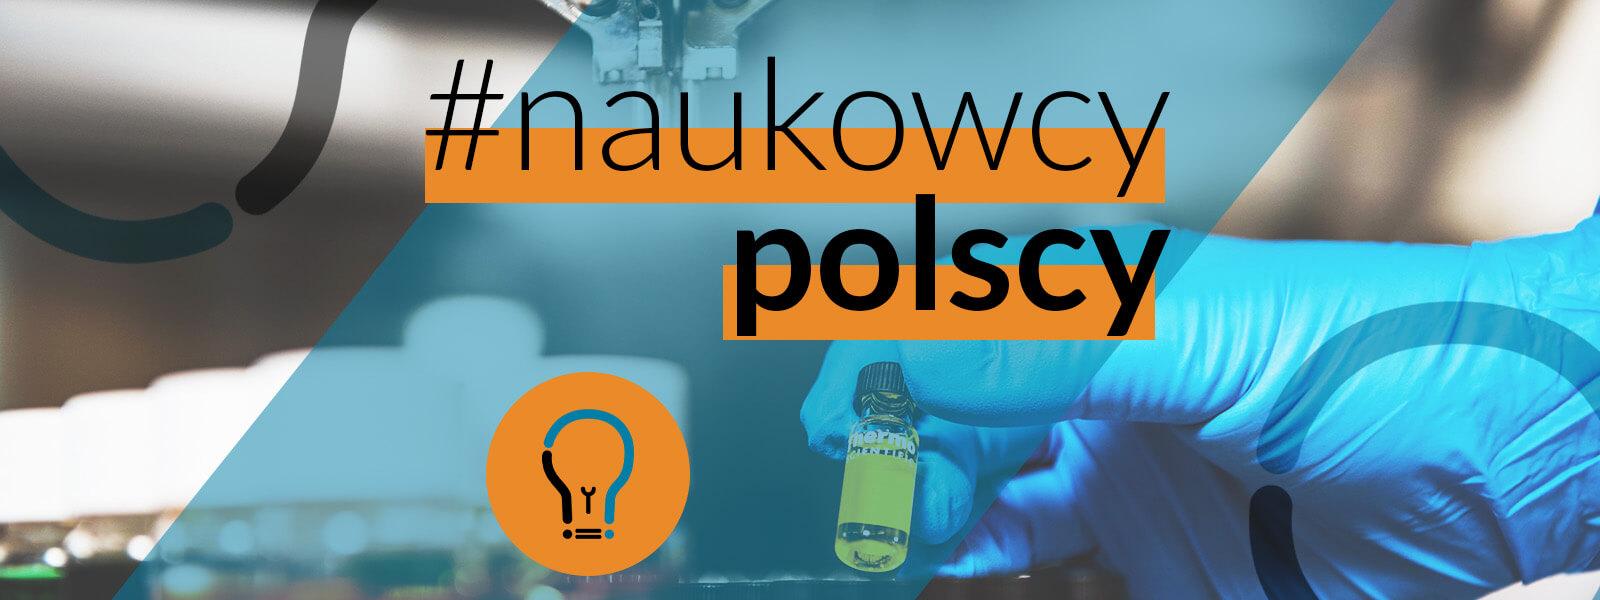 Napis #naukowcy polscy, w tle ręka w rękawiczce trzymająca probówkę